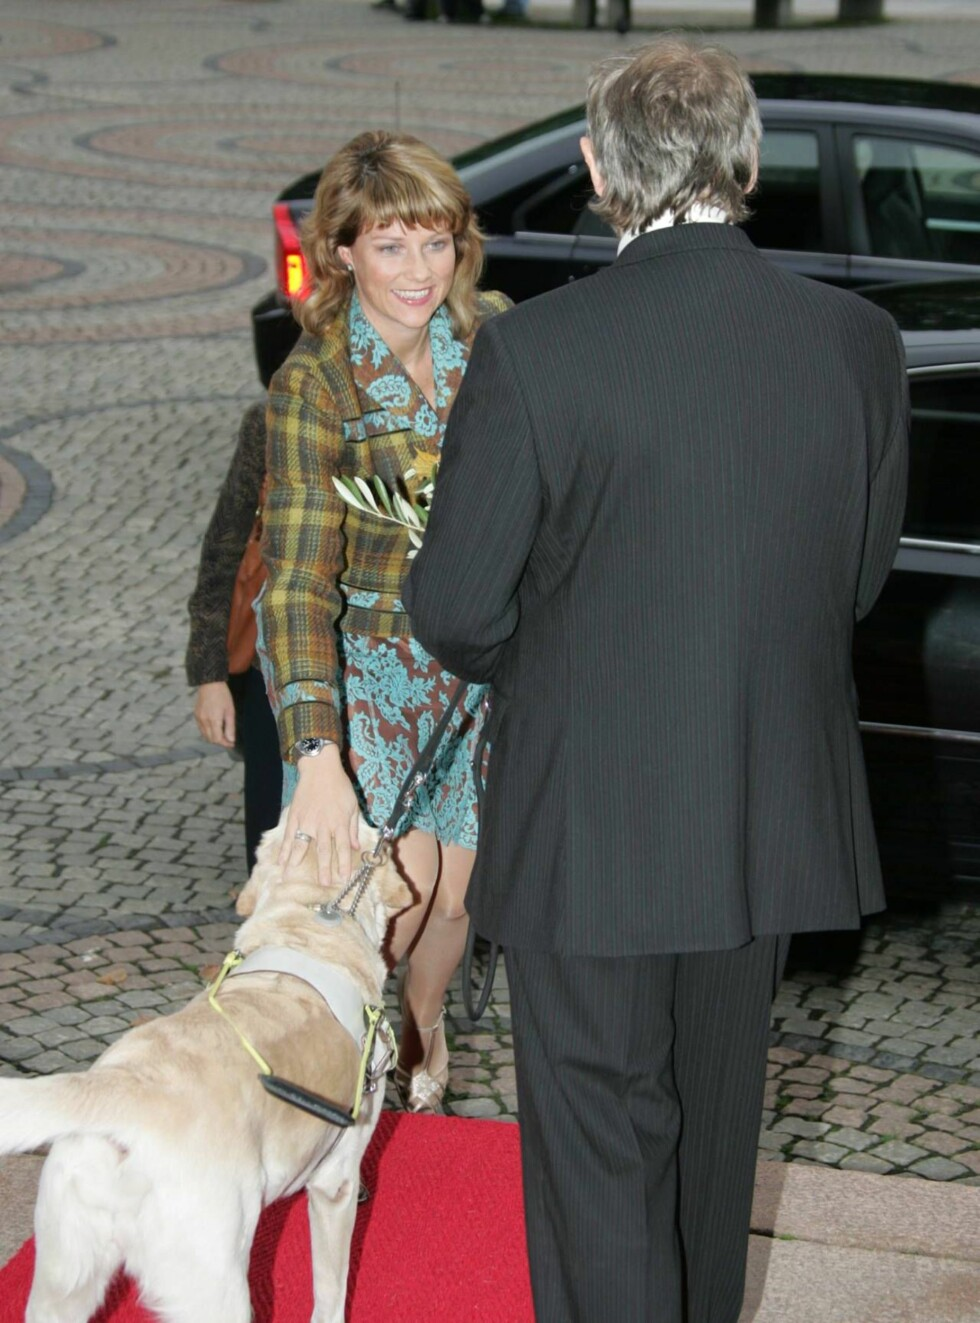 VELKOMMEN: Märtha blir ønsket velkommen til Universitetets aula av Blindeforfundets leder og hans førerhund. Foto: Stella Pictures